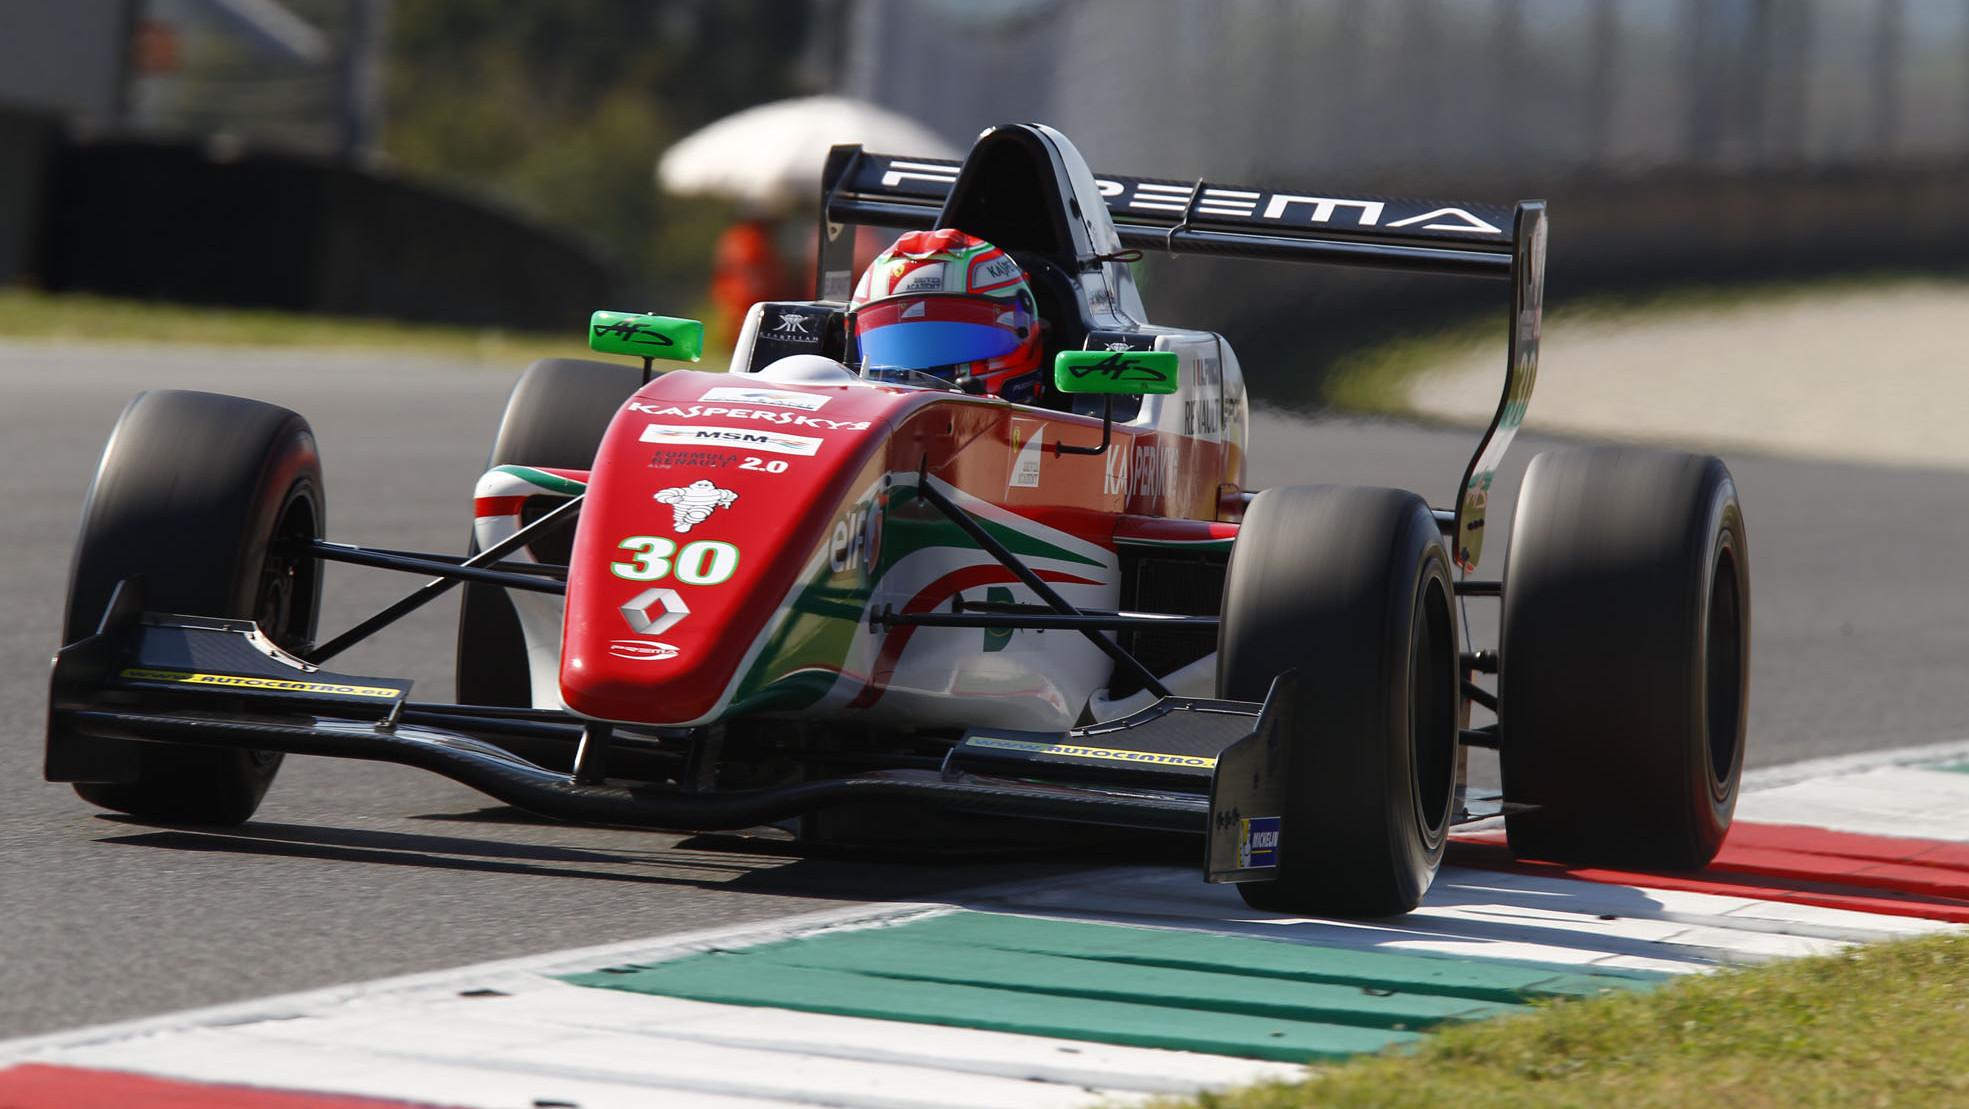 Pole position per Antonio Fuoco al Mugello